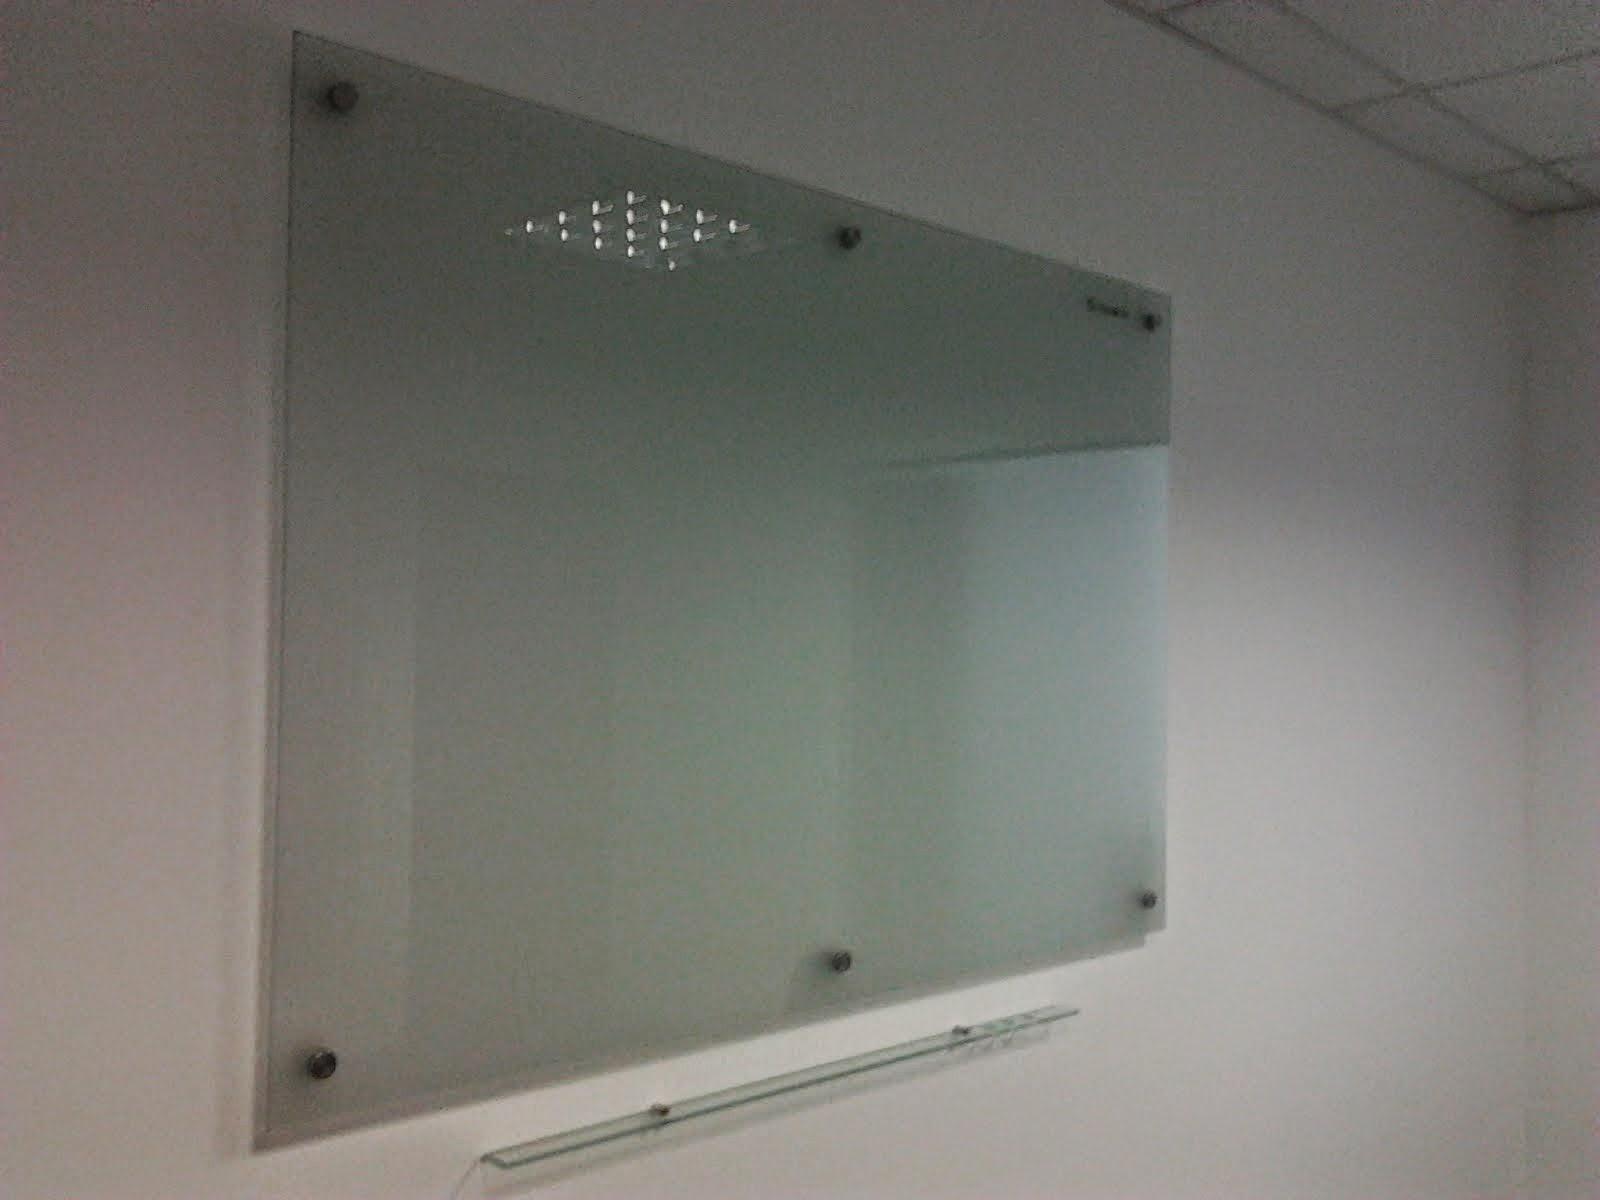 Vka publicidad letreros s a c pizarra en vidrio de - Pared cristal ...